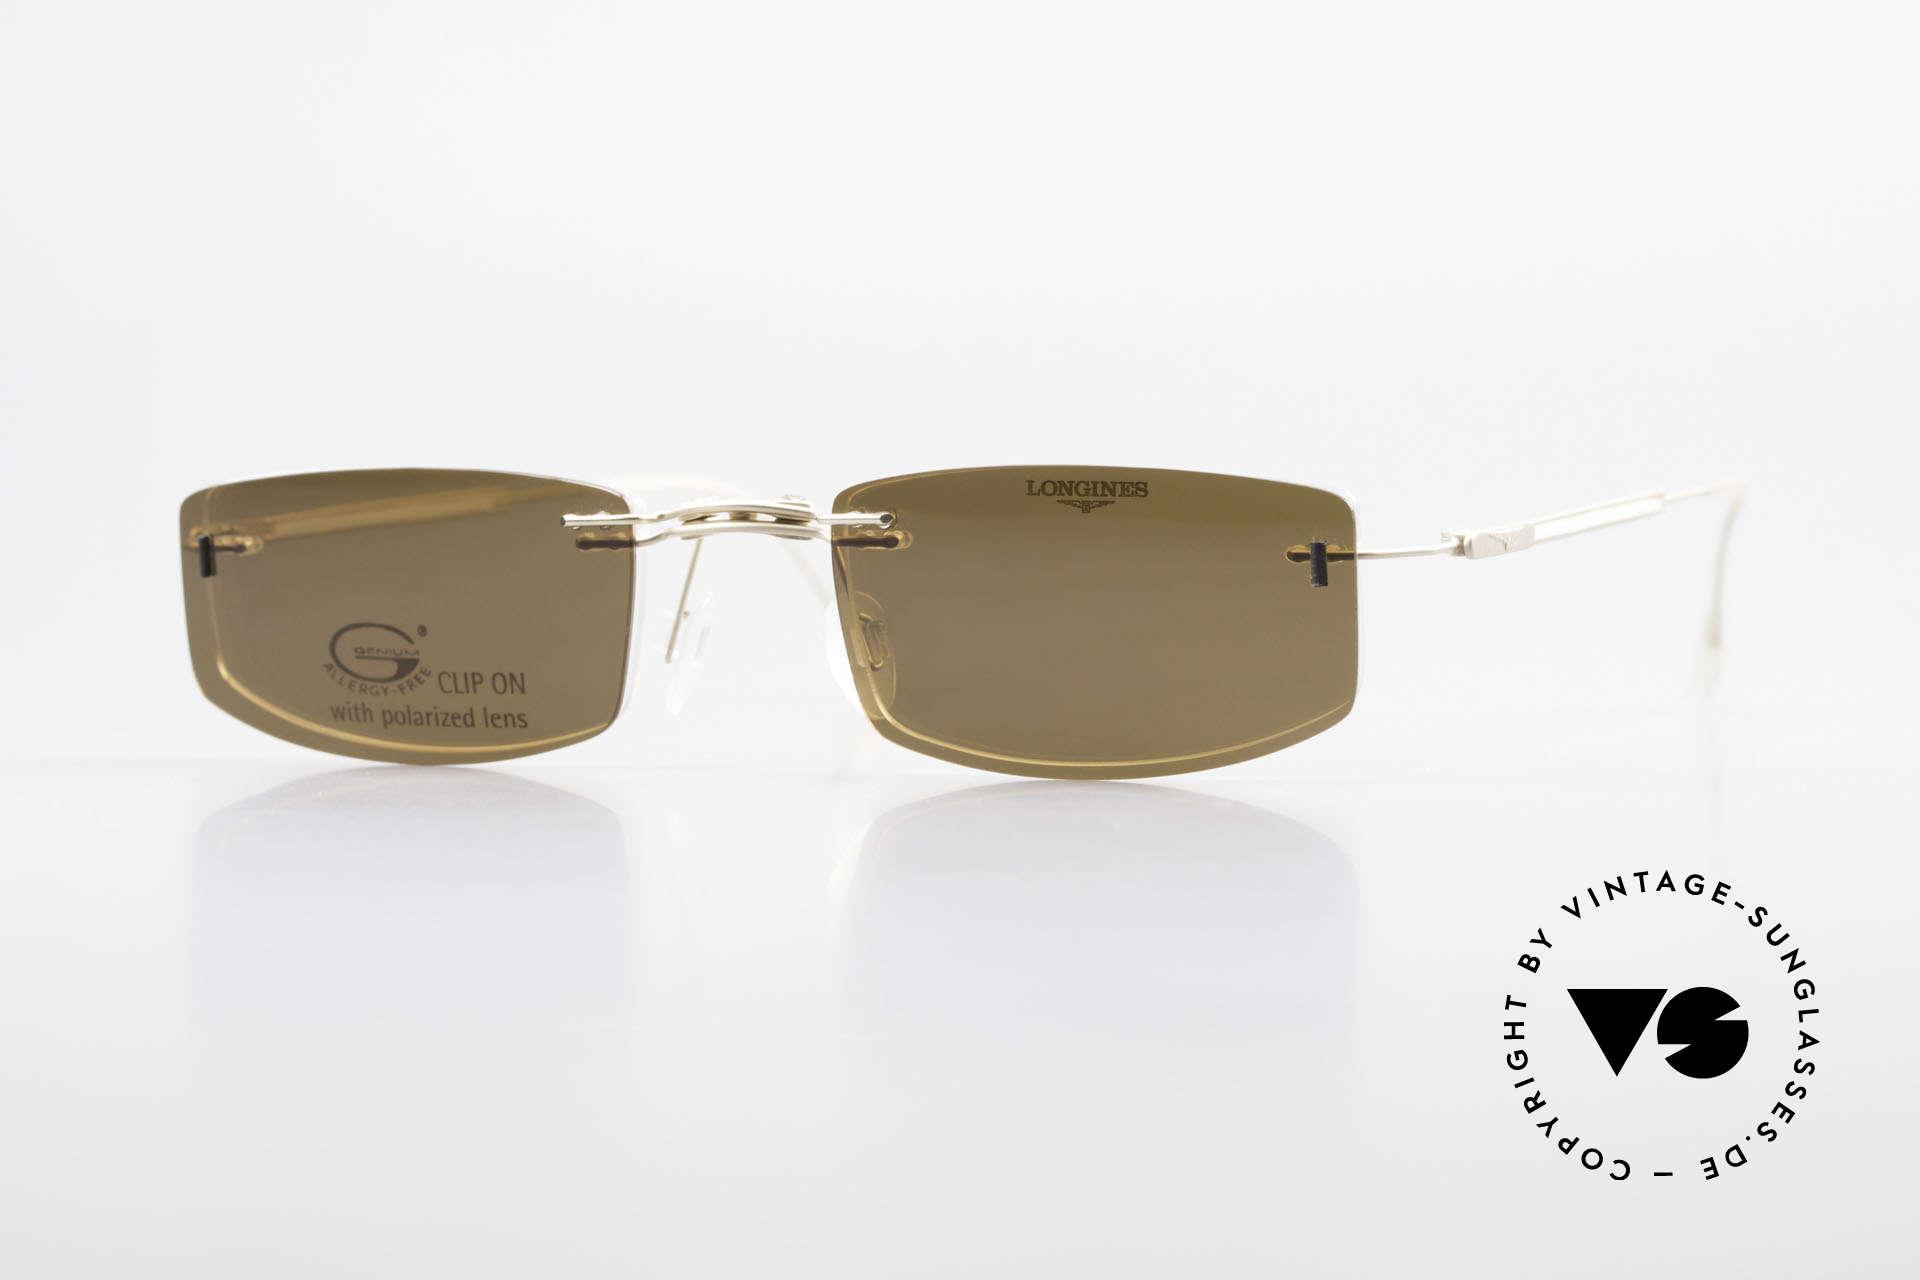 Longines 4378 Polarisierende Randlosbrille, 90er Longines Modell 4378 color 120, Größe 49-21, 140, Passend für Herren und Damen